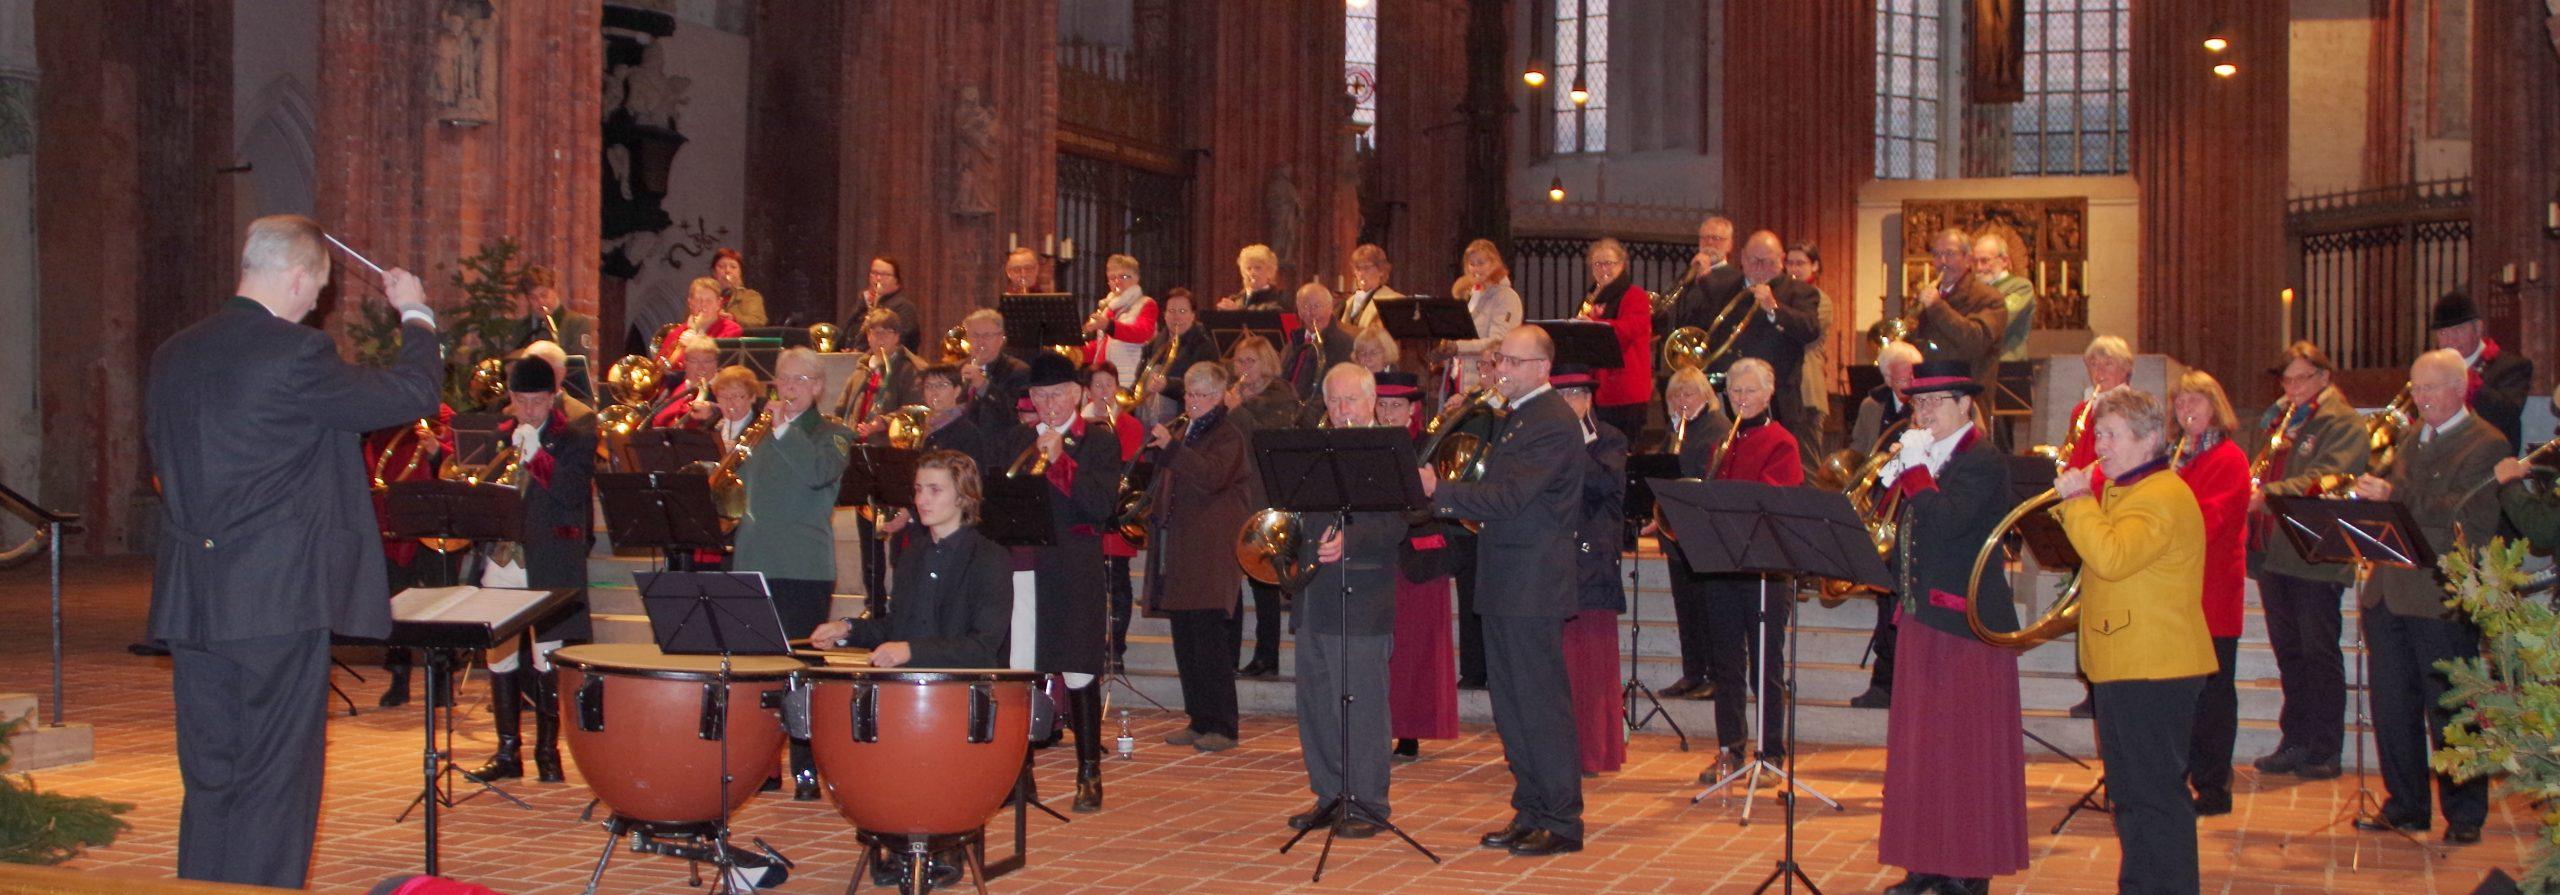 St. Marien fest in Jagdbläser-Hand – Landesjagdverband Schleswig-Holstein e.V.